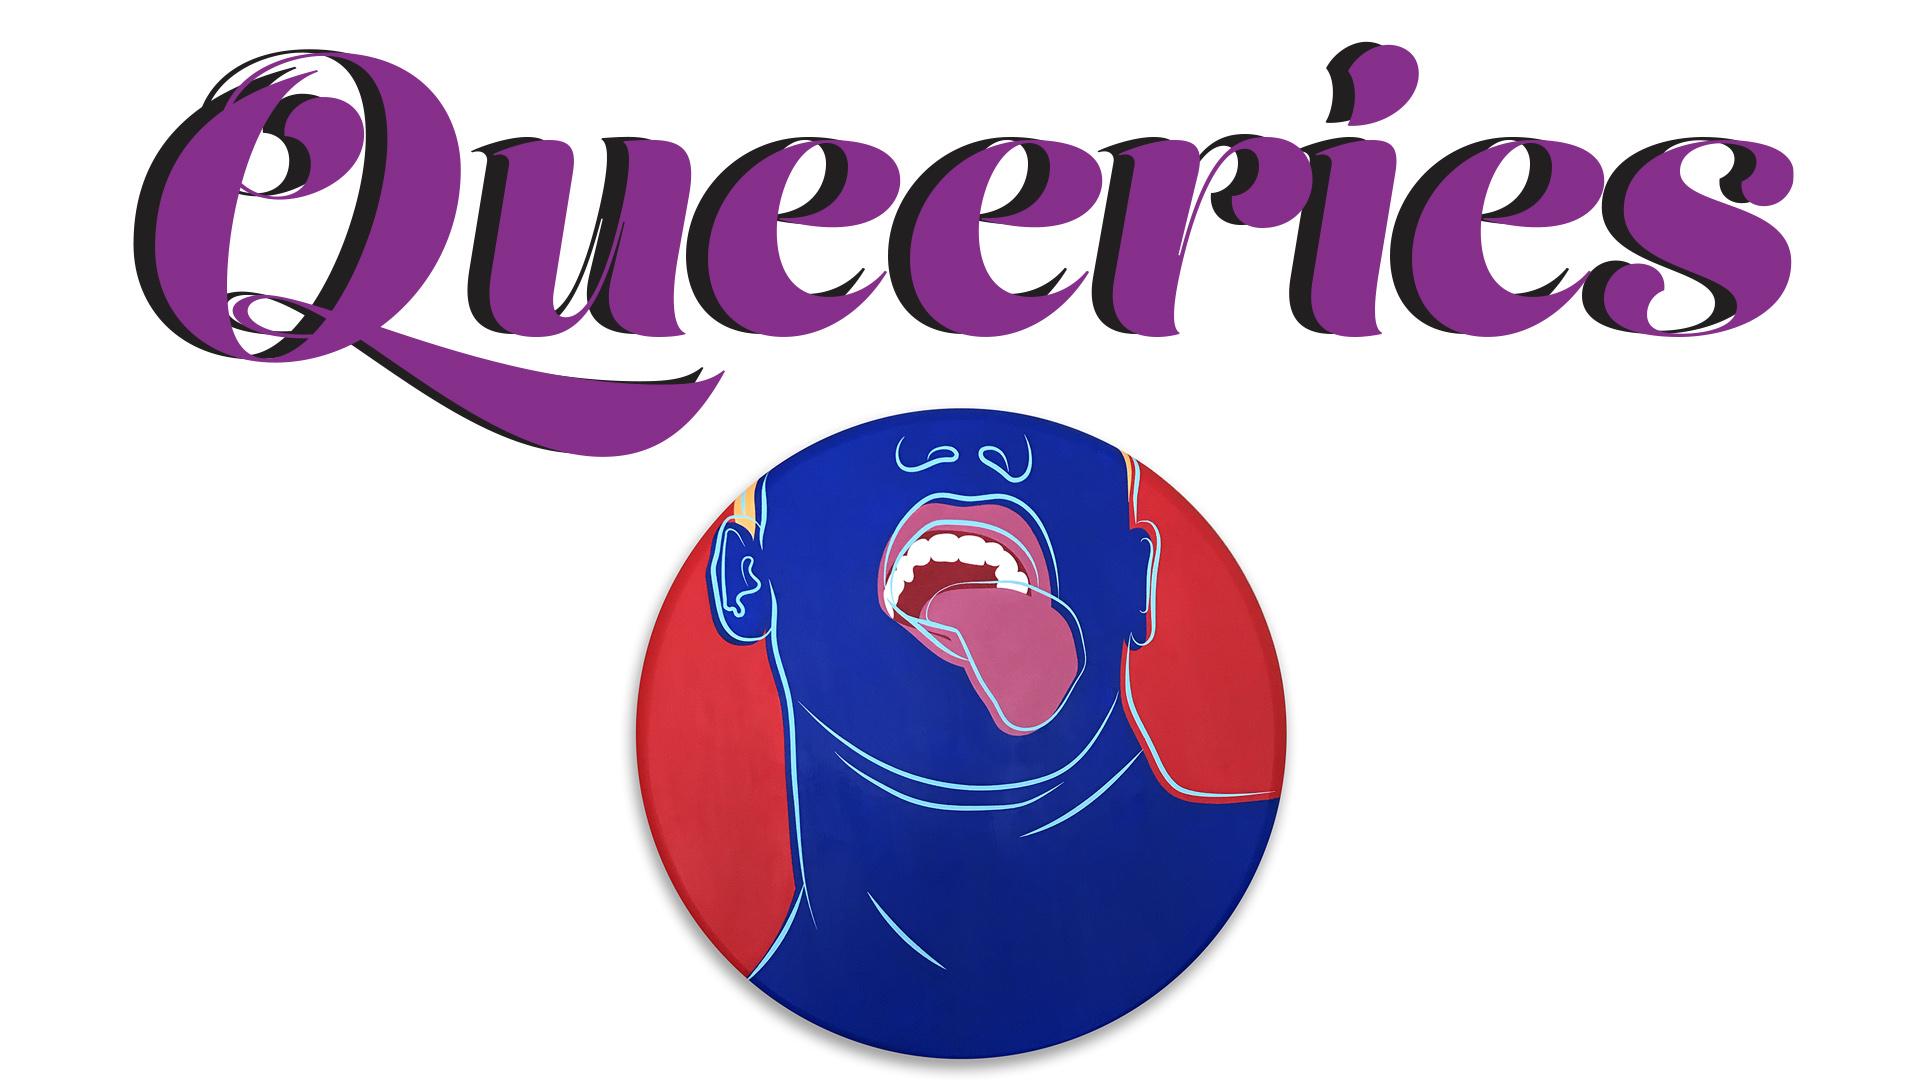 Queeries_header_1920X1080